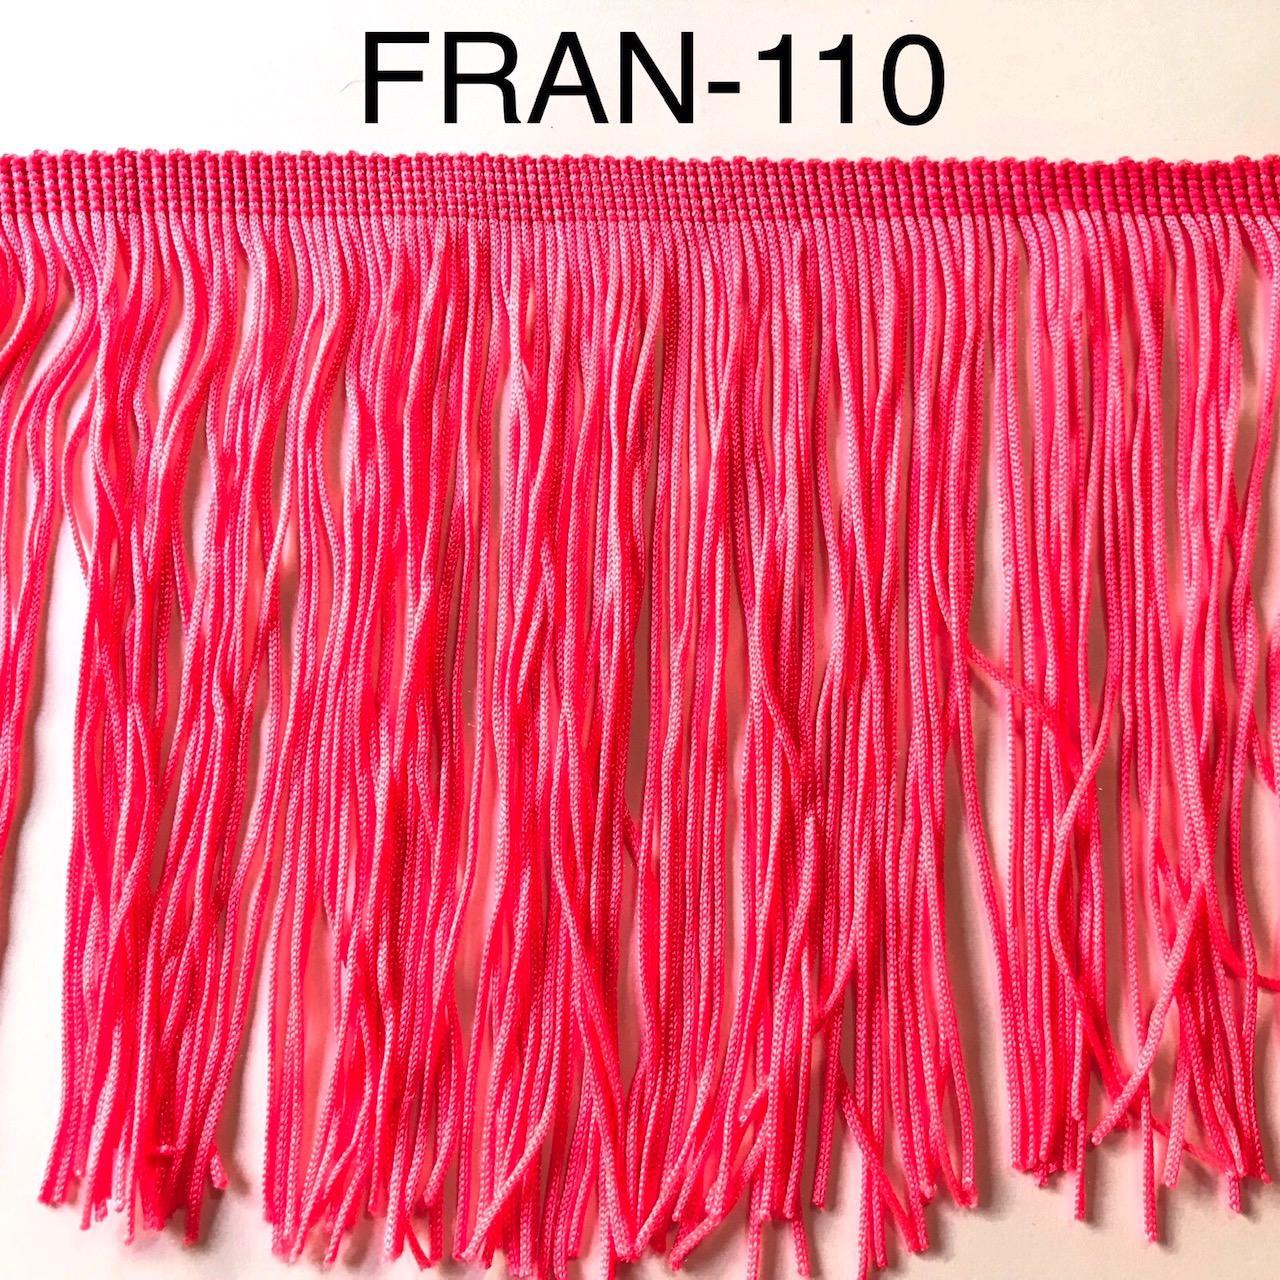 Franges a coudre 15cm 110